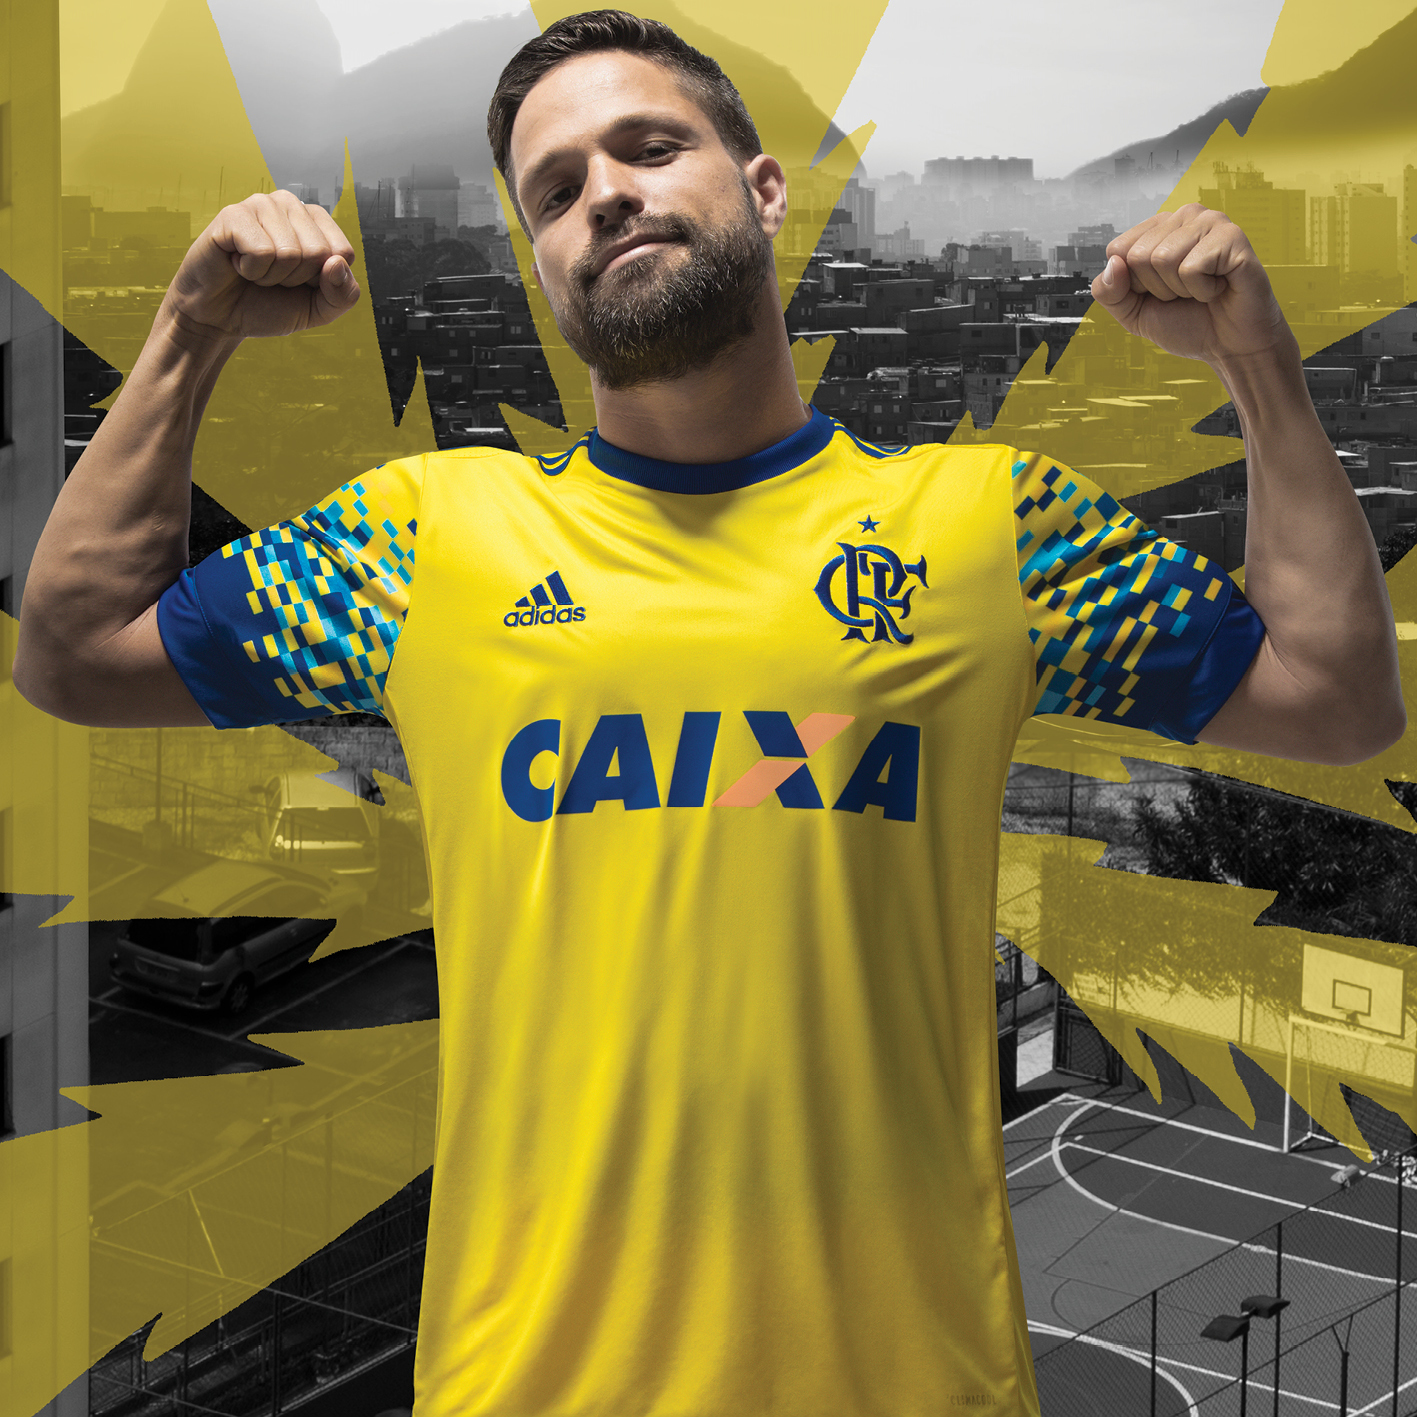 """0f5967dcc7 Eu desenhei a camisa do Mengão!"""", celebrou André Lima, brasiliense de 19  anos e autor do modelo escolhido pela Adidas, que homenageia as cadeiras do  ..."""